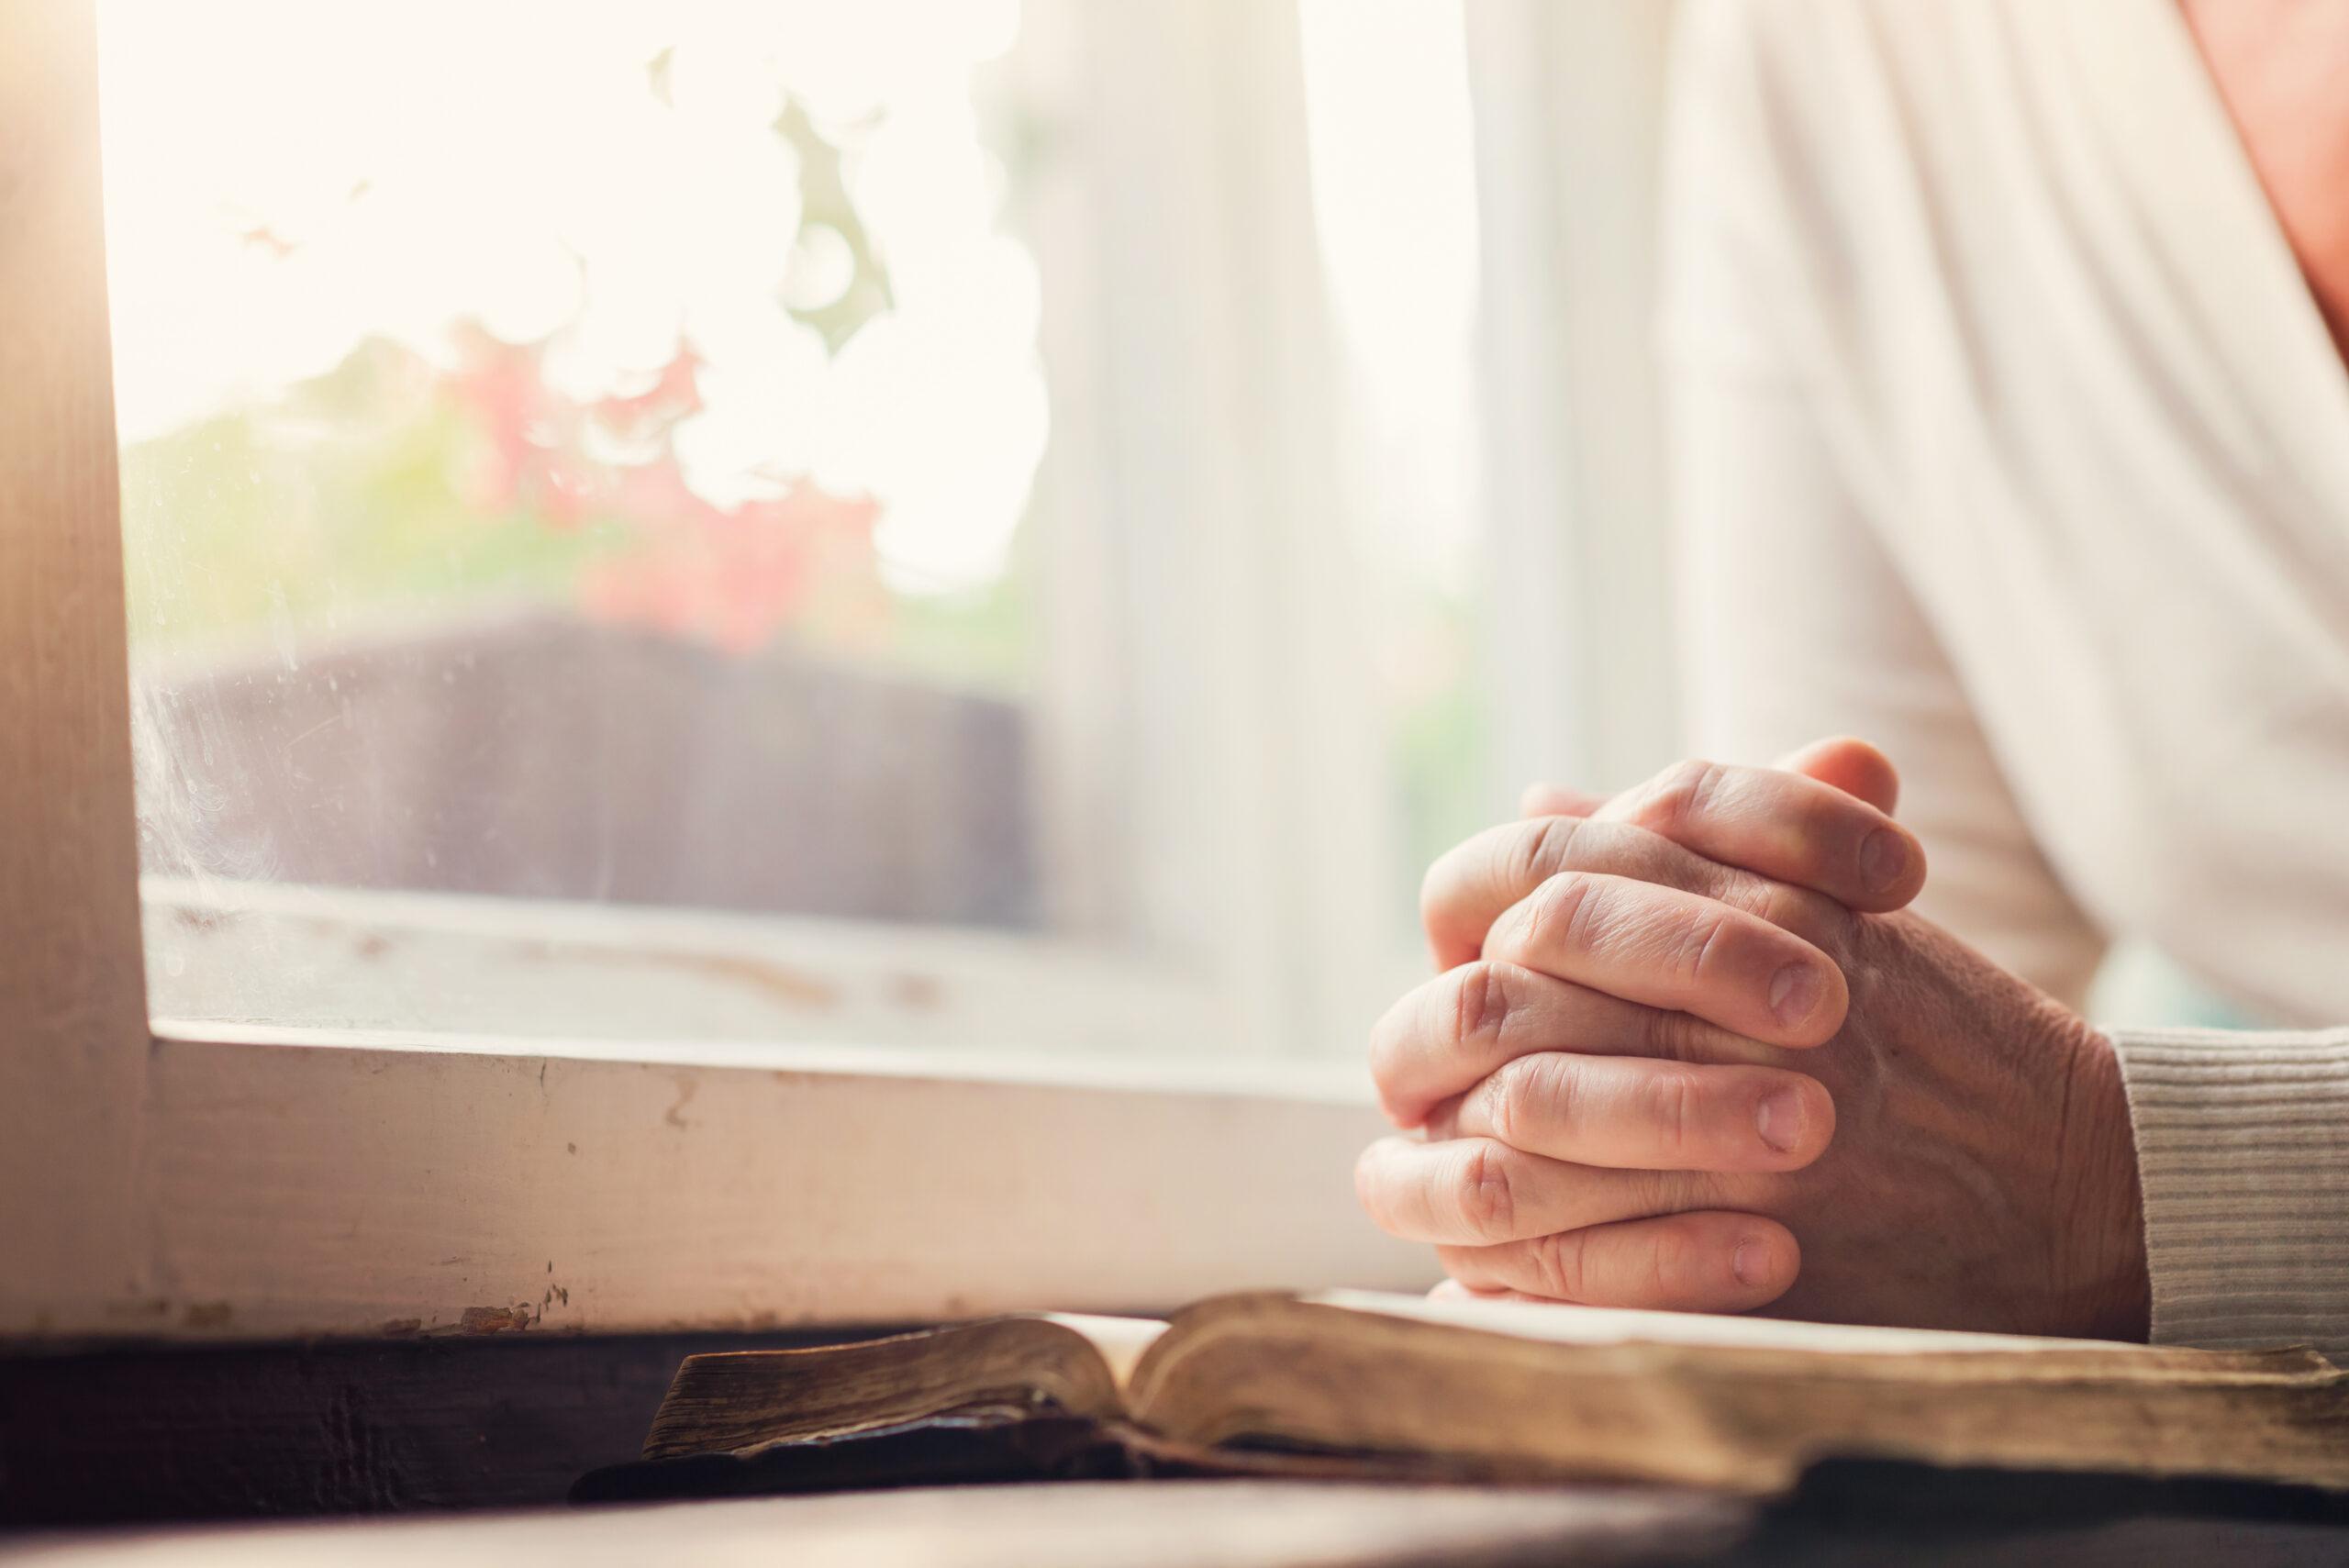 悩みと祈りが似ている件について